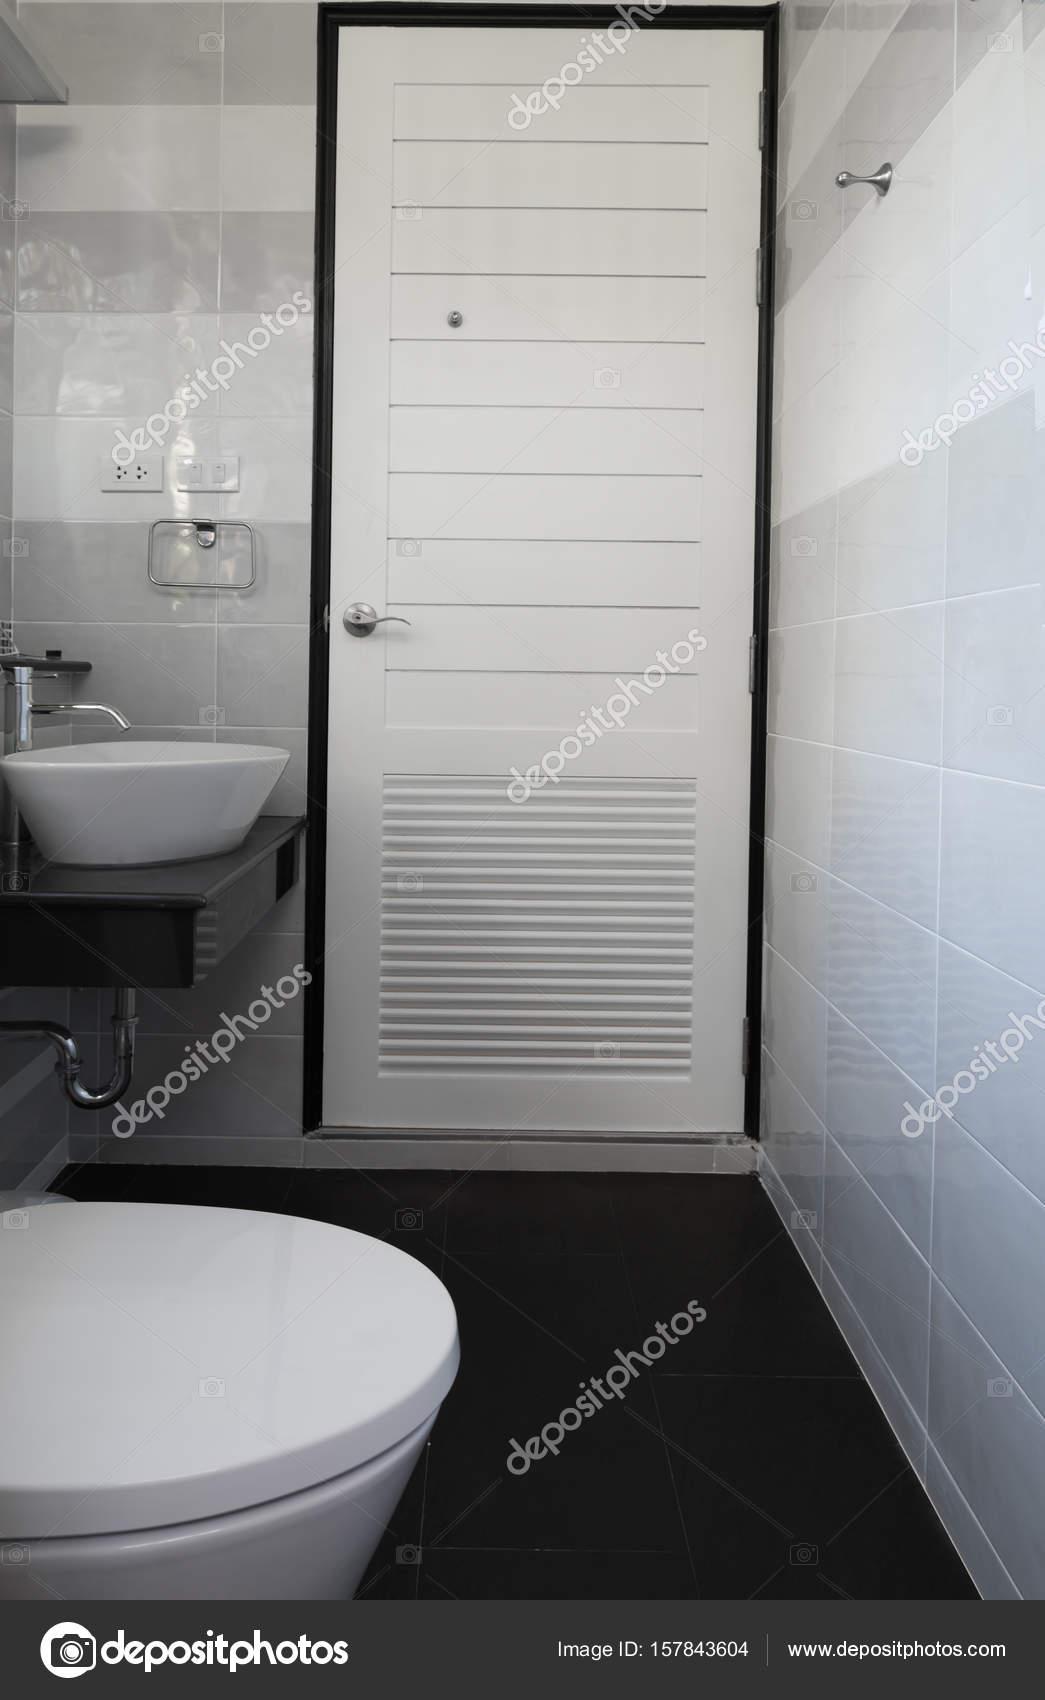 Piastrelle bagno bianche e nere interno bianco bagno con for Piastrelle cucina bianche e nere